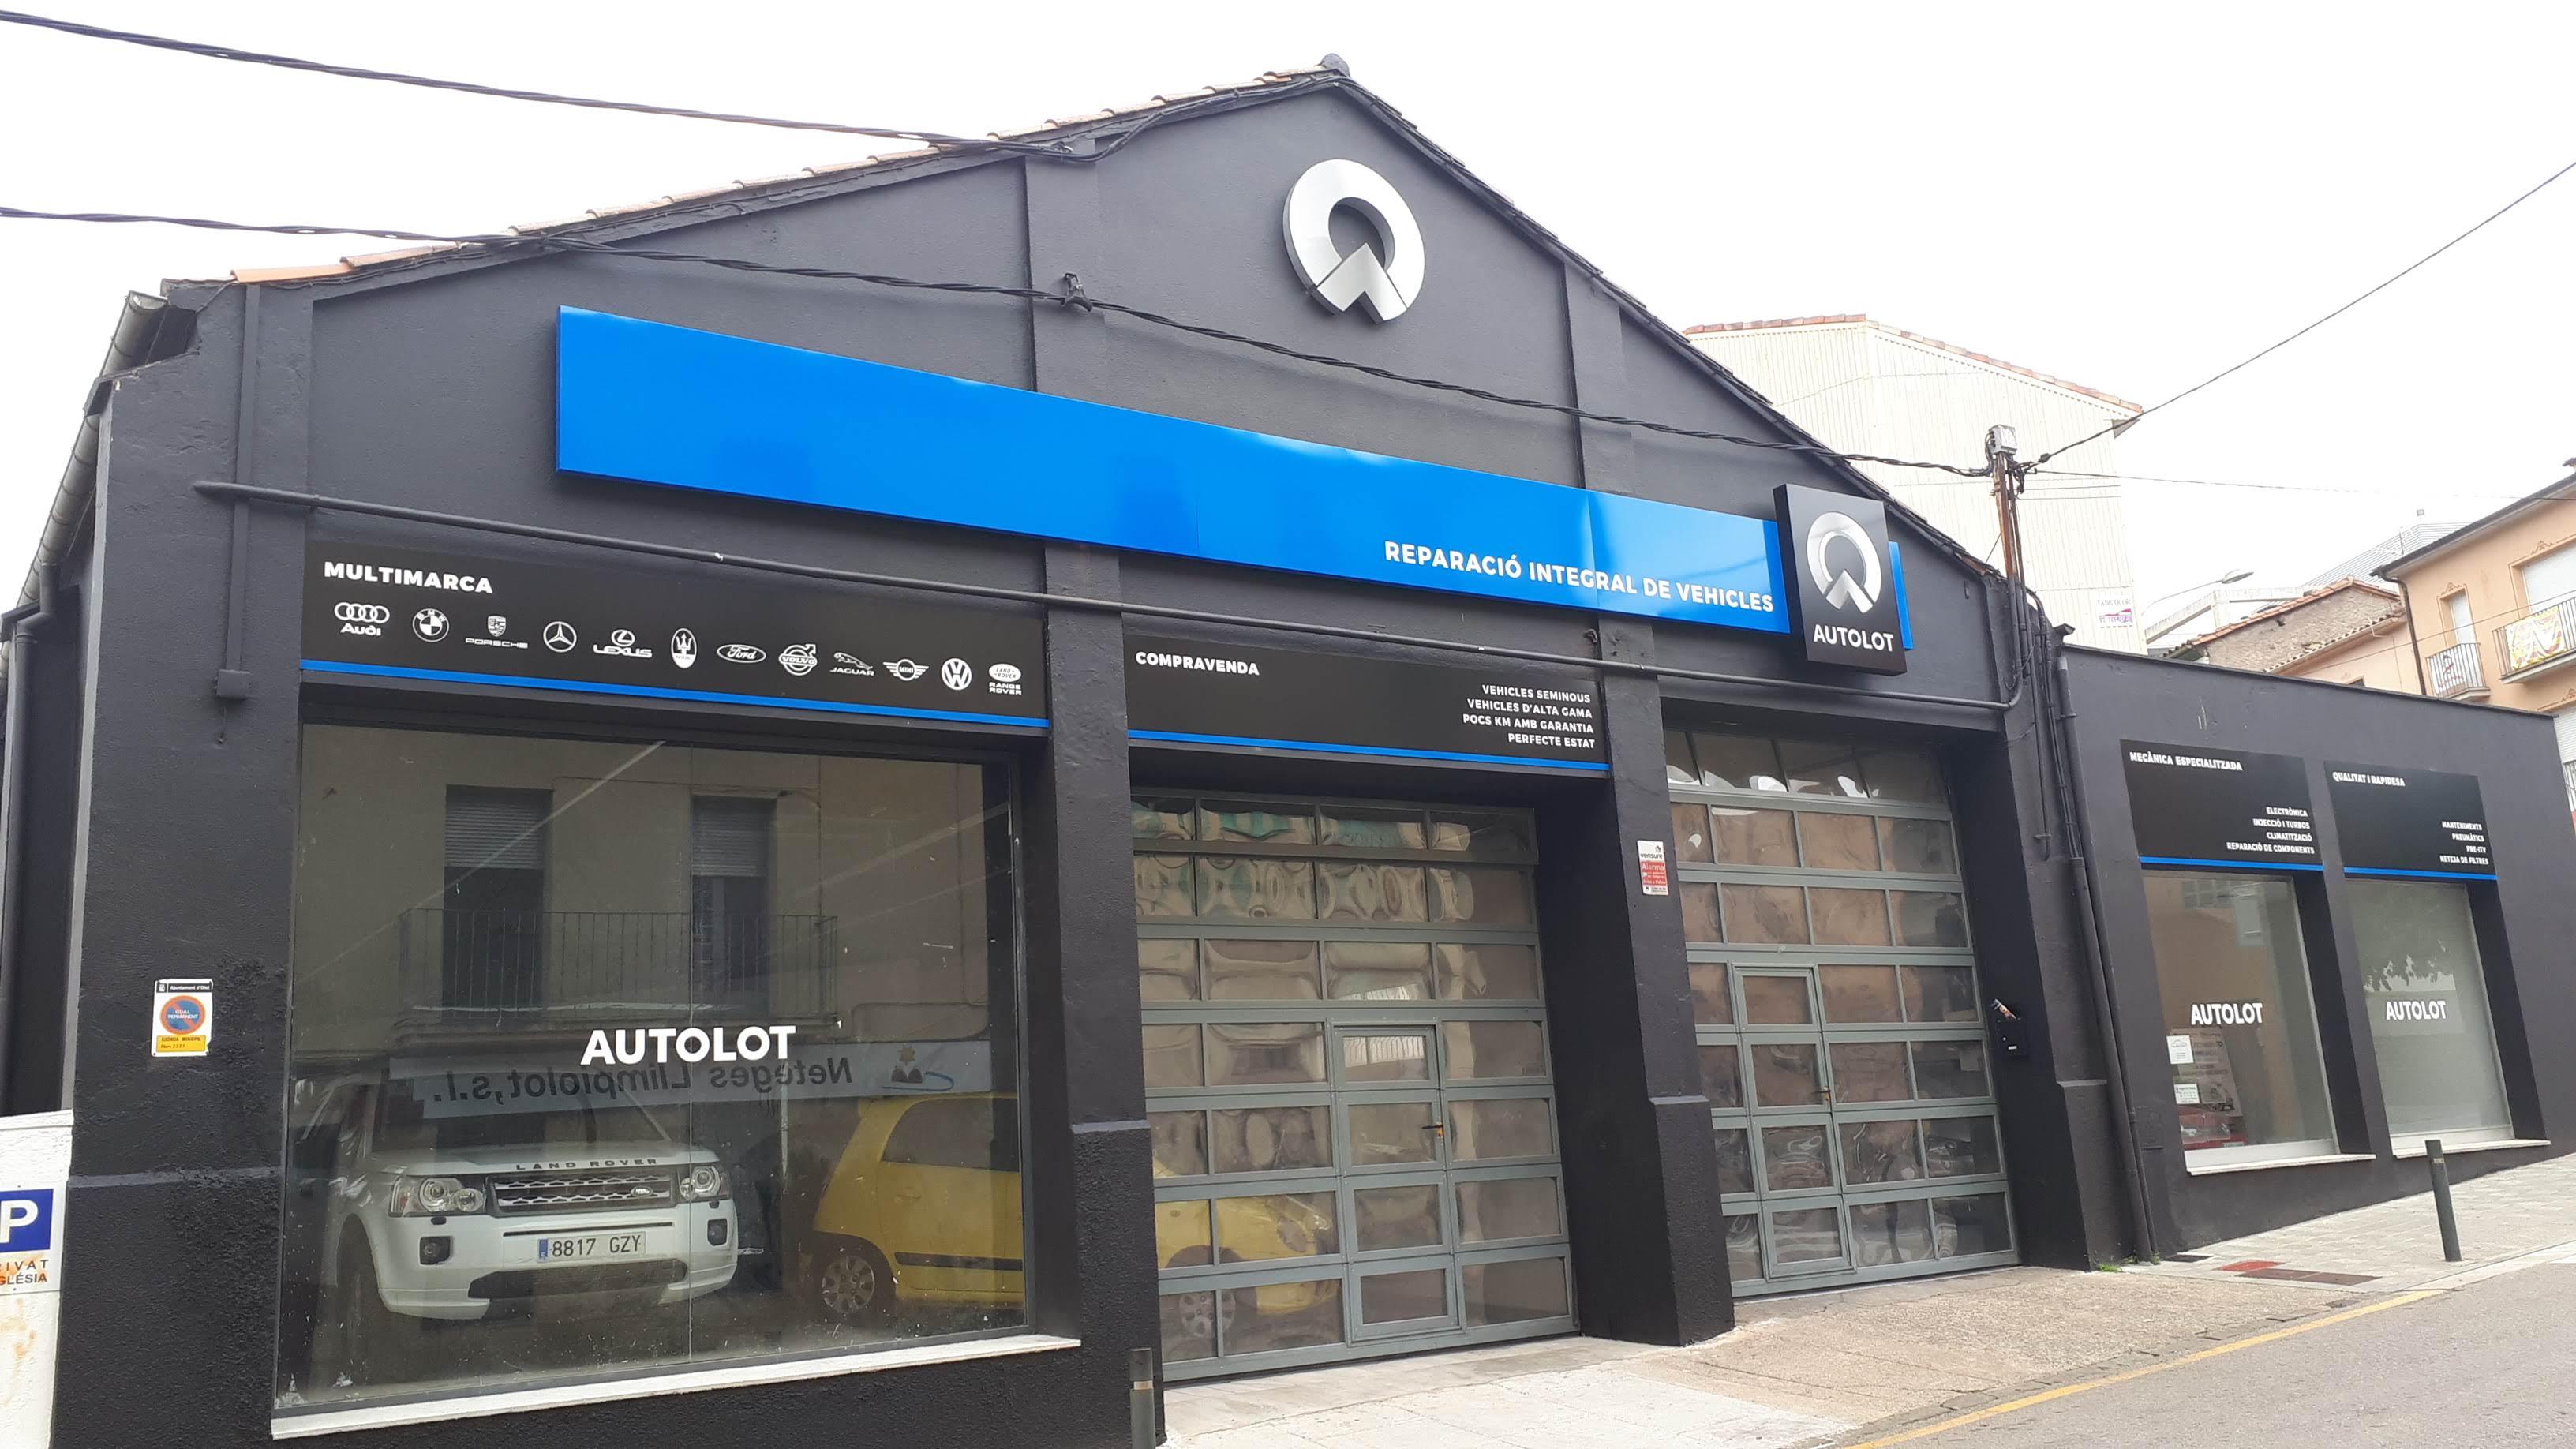 Autolot – Reparació de vehicles